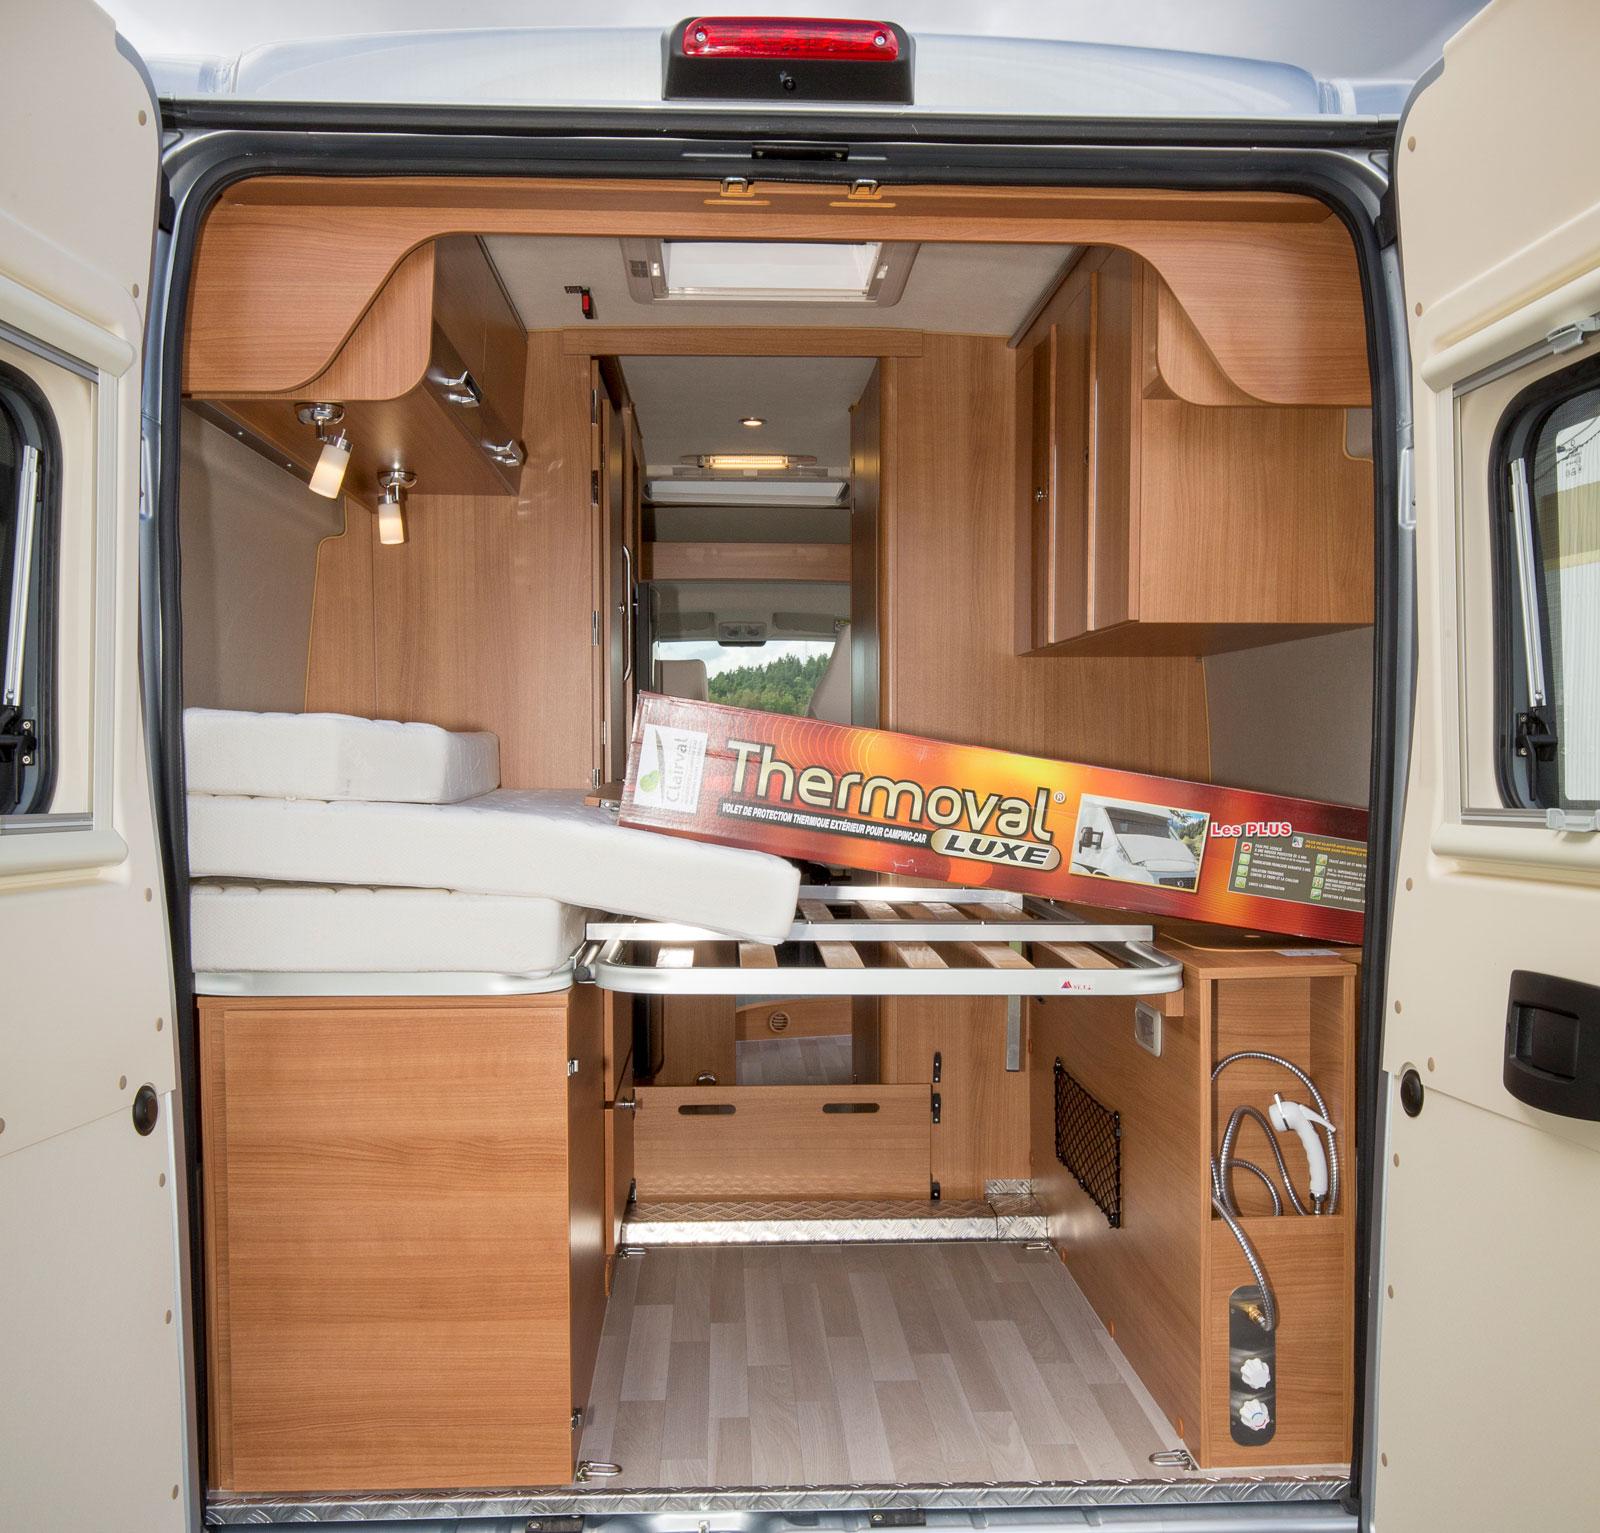 Med bakdörrarna öppna är det enklet att stuva in bagage. Sängbotten kan resas vilket ger ståhöjd även längst bak.